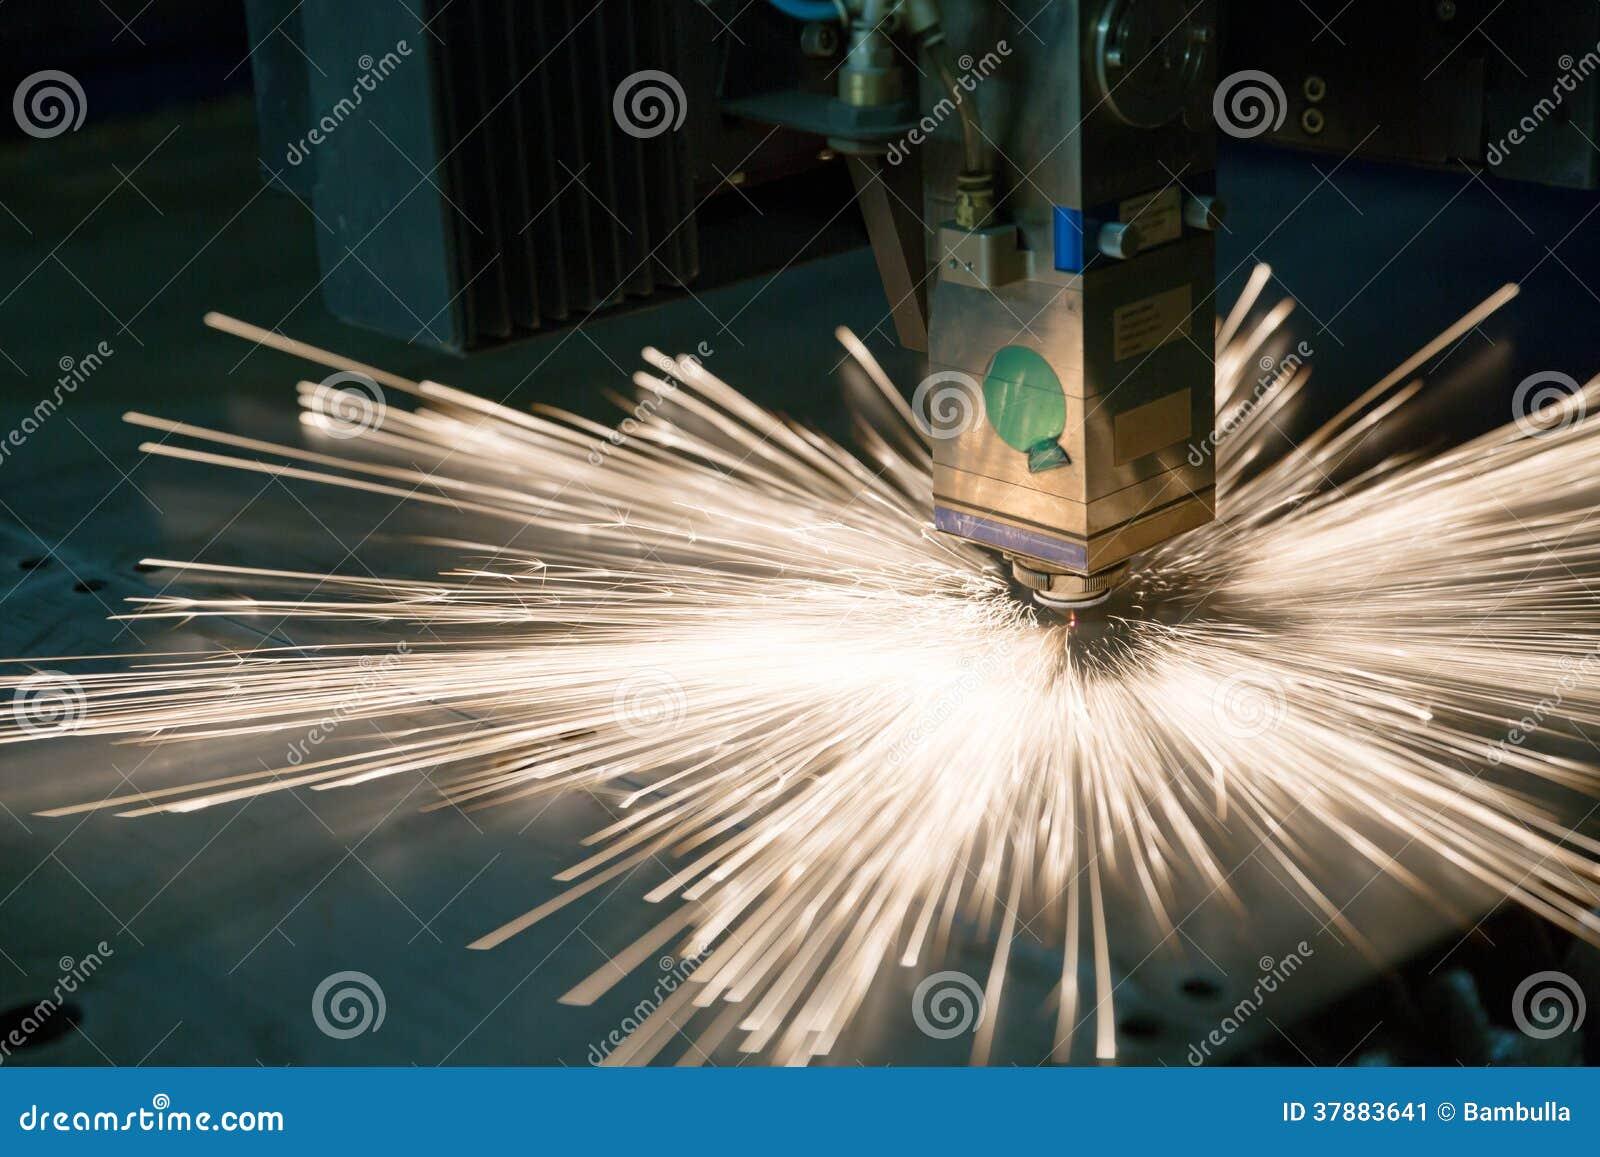 Industriële laser die gaten in metaalblad maken